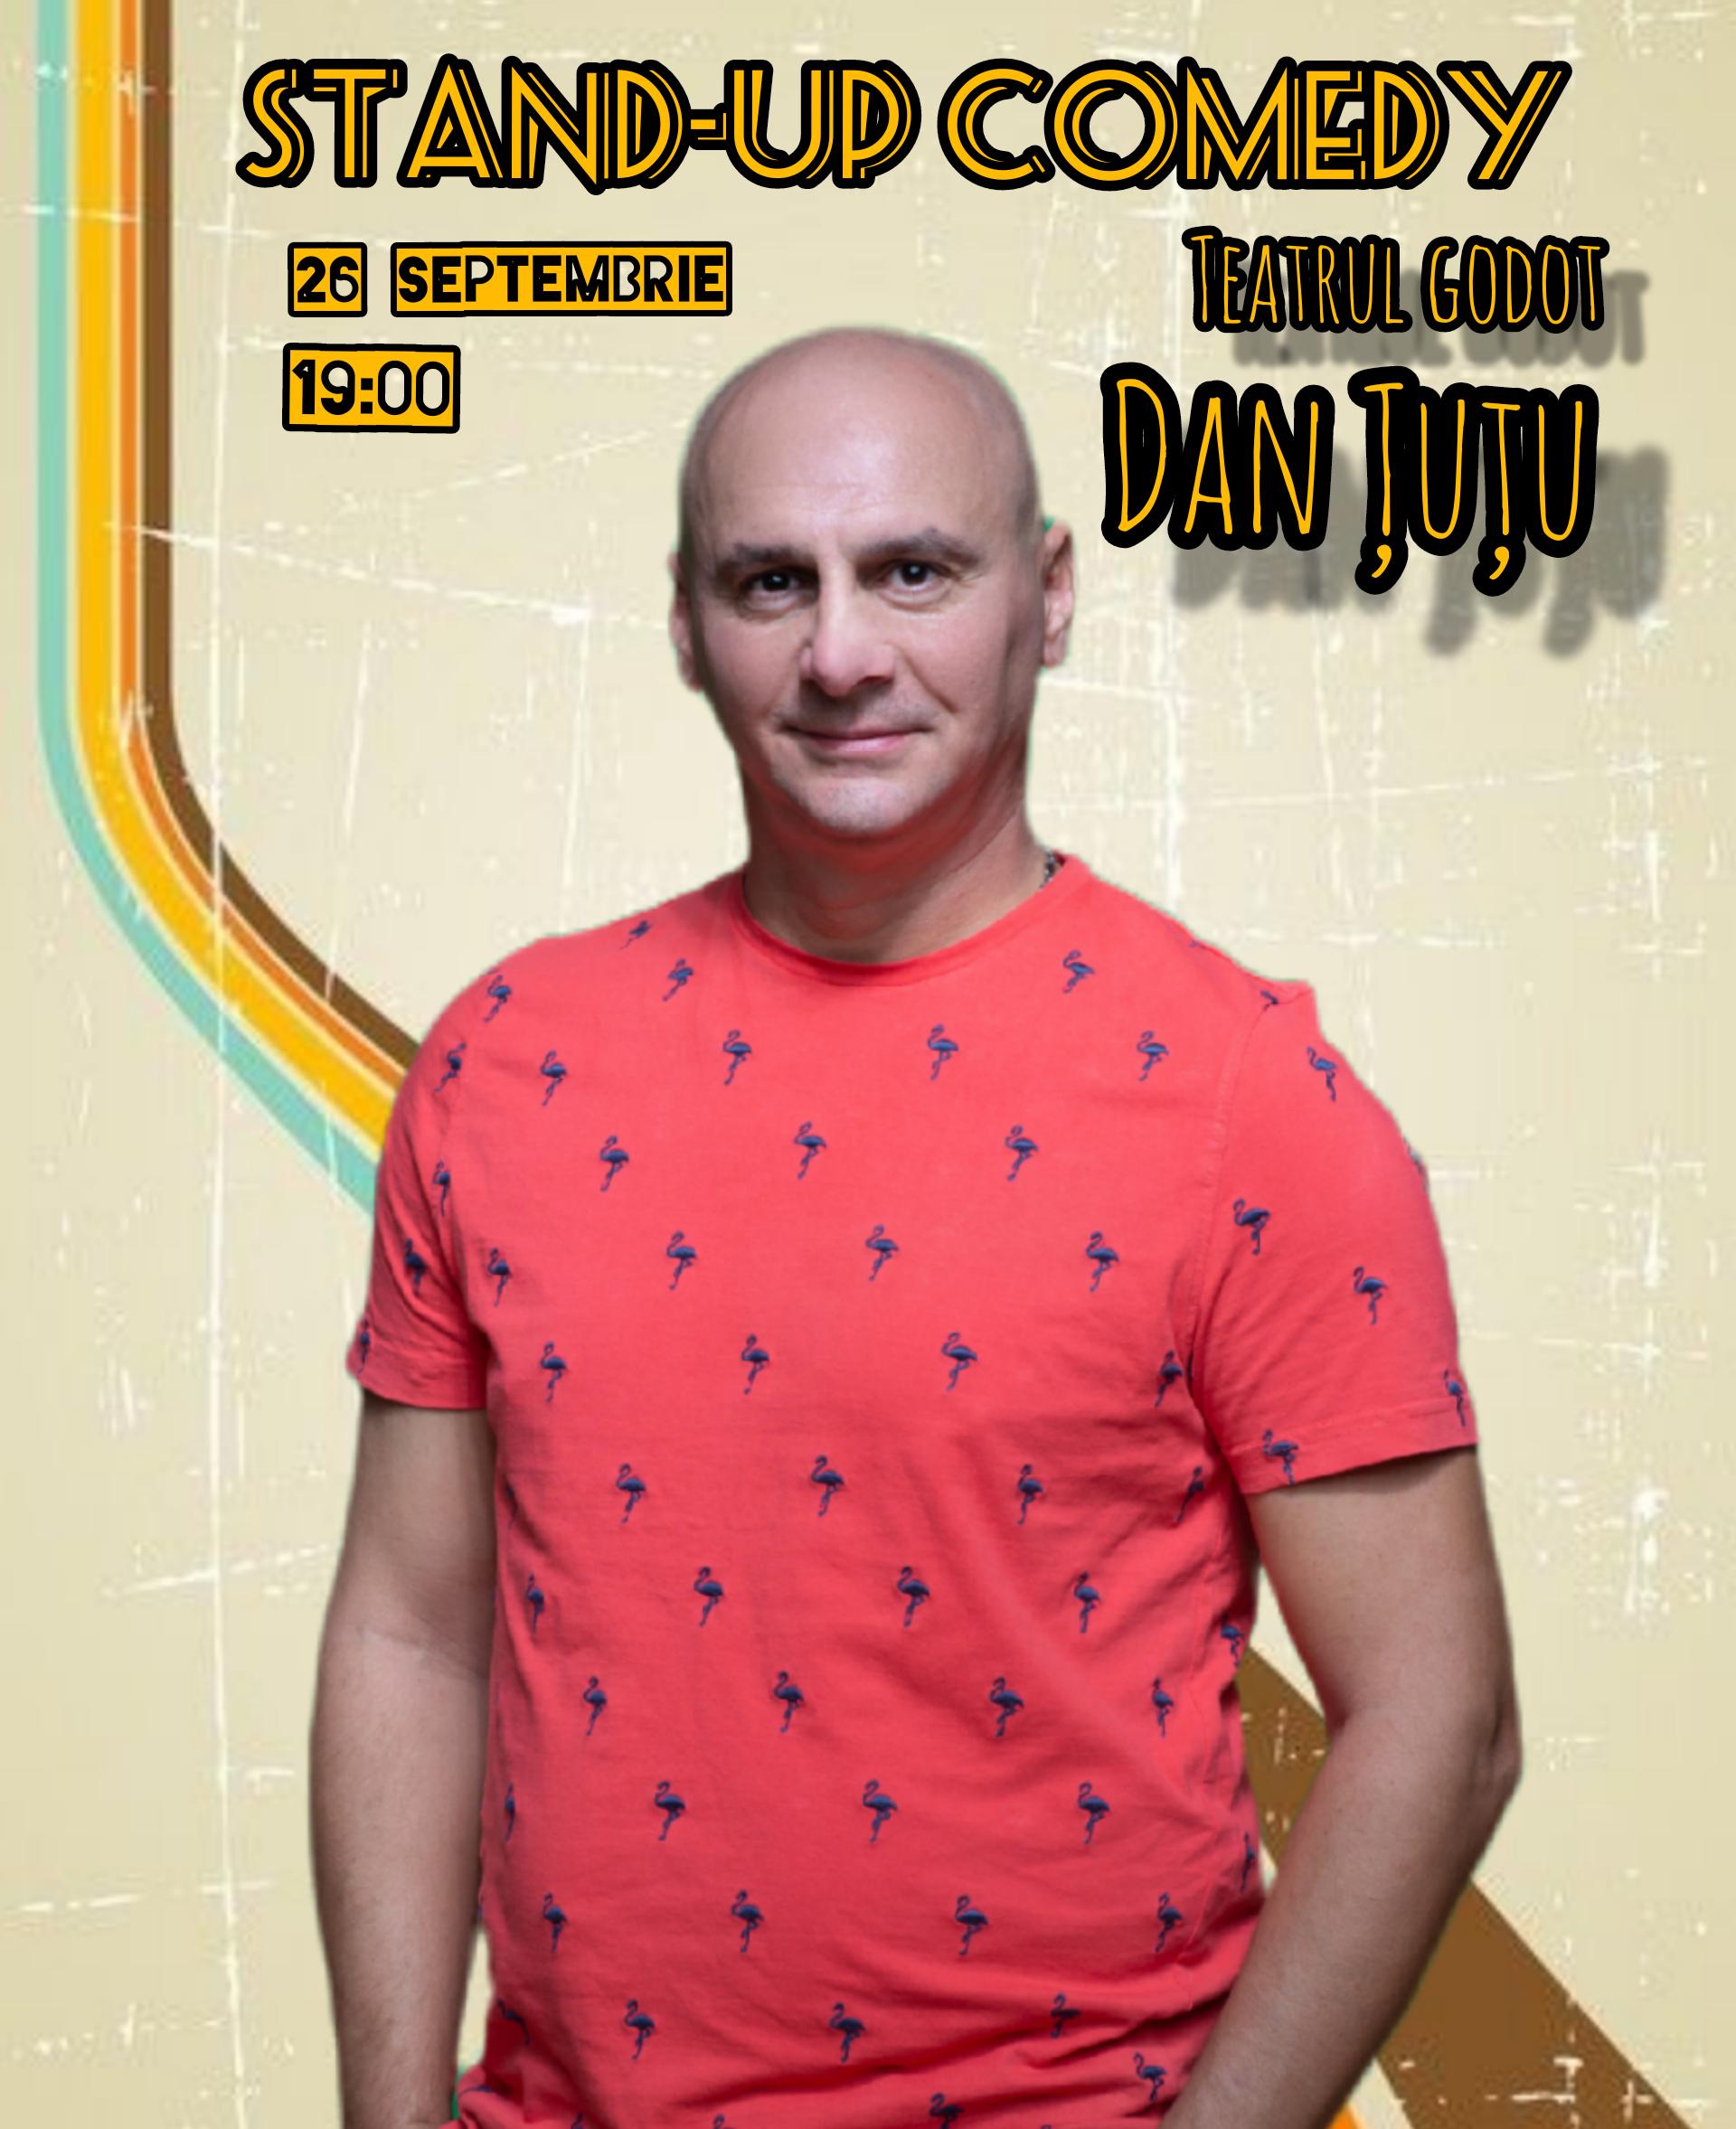 Dan Țuțu – Stand-up